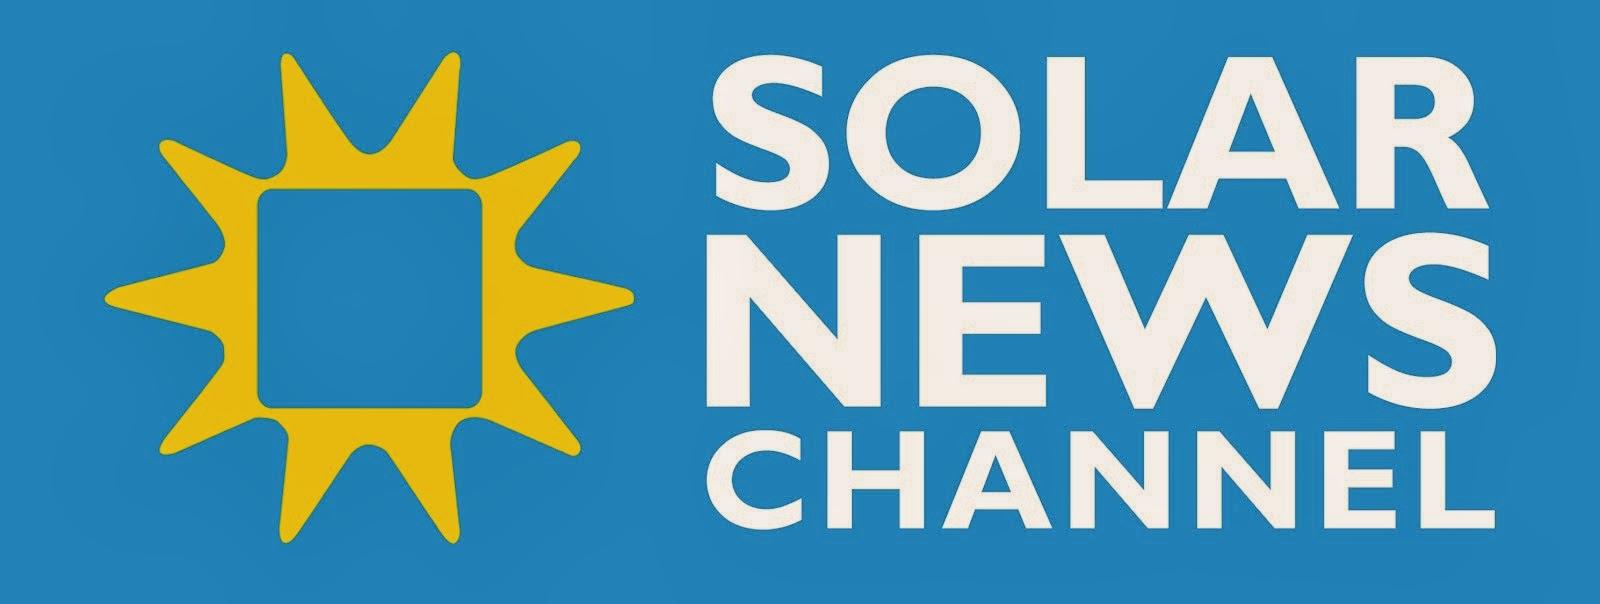 SOLAR NEWS Channel Manila